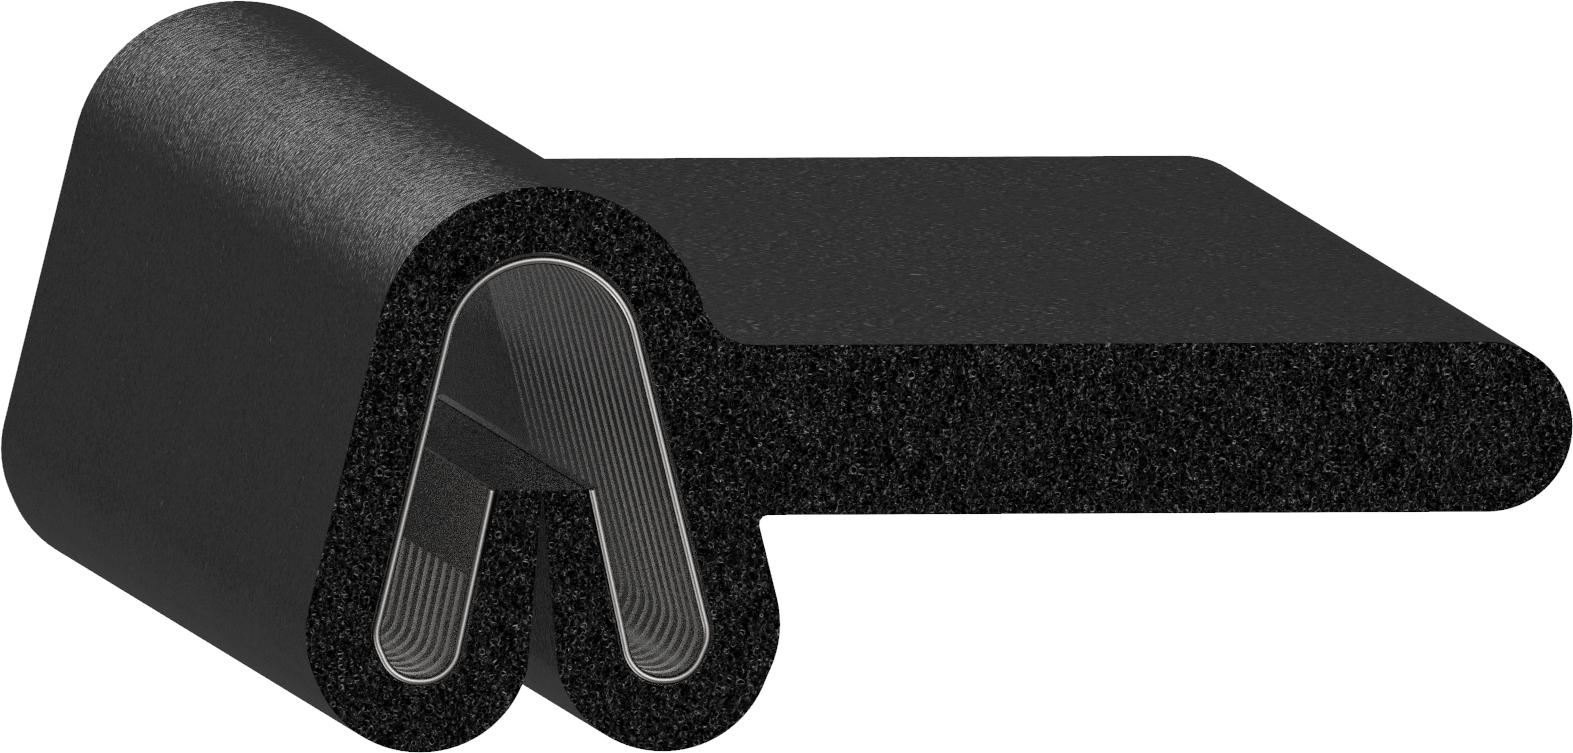 Uni-Grip part: SD-499